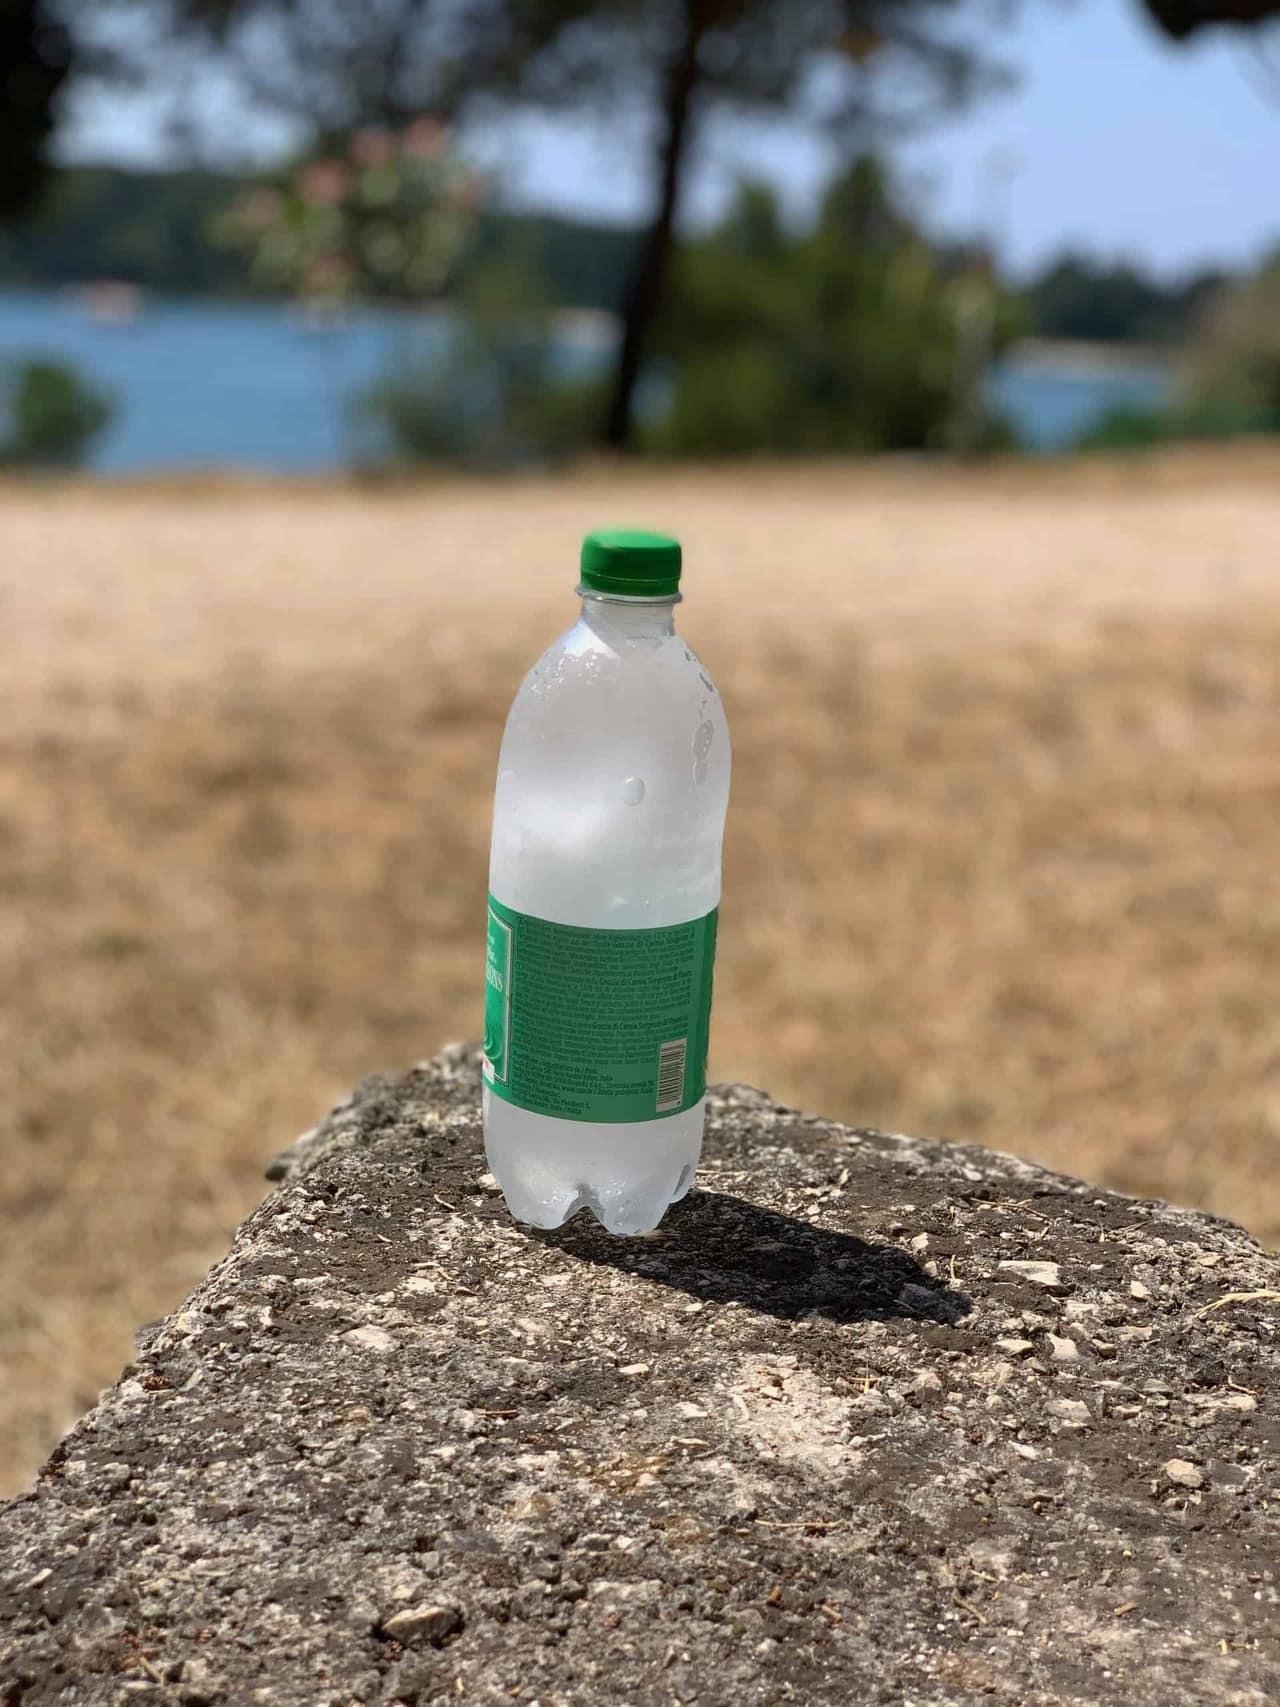 Eingefrorenes_stilles_Wasser_in_PET_Flasche